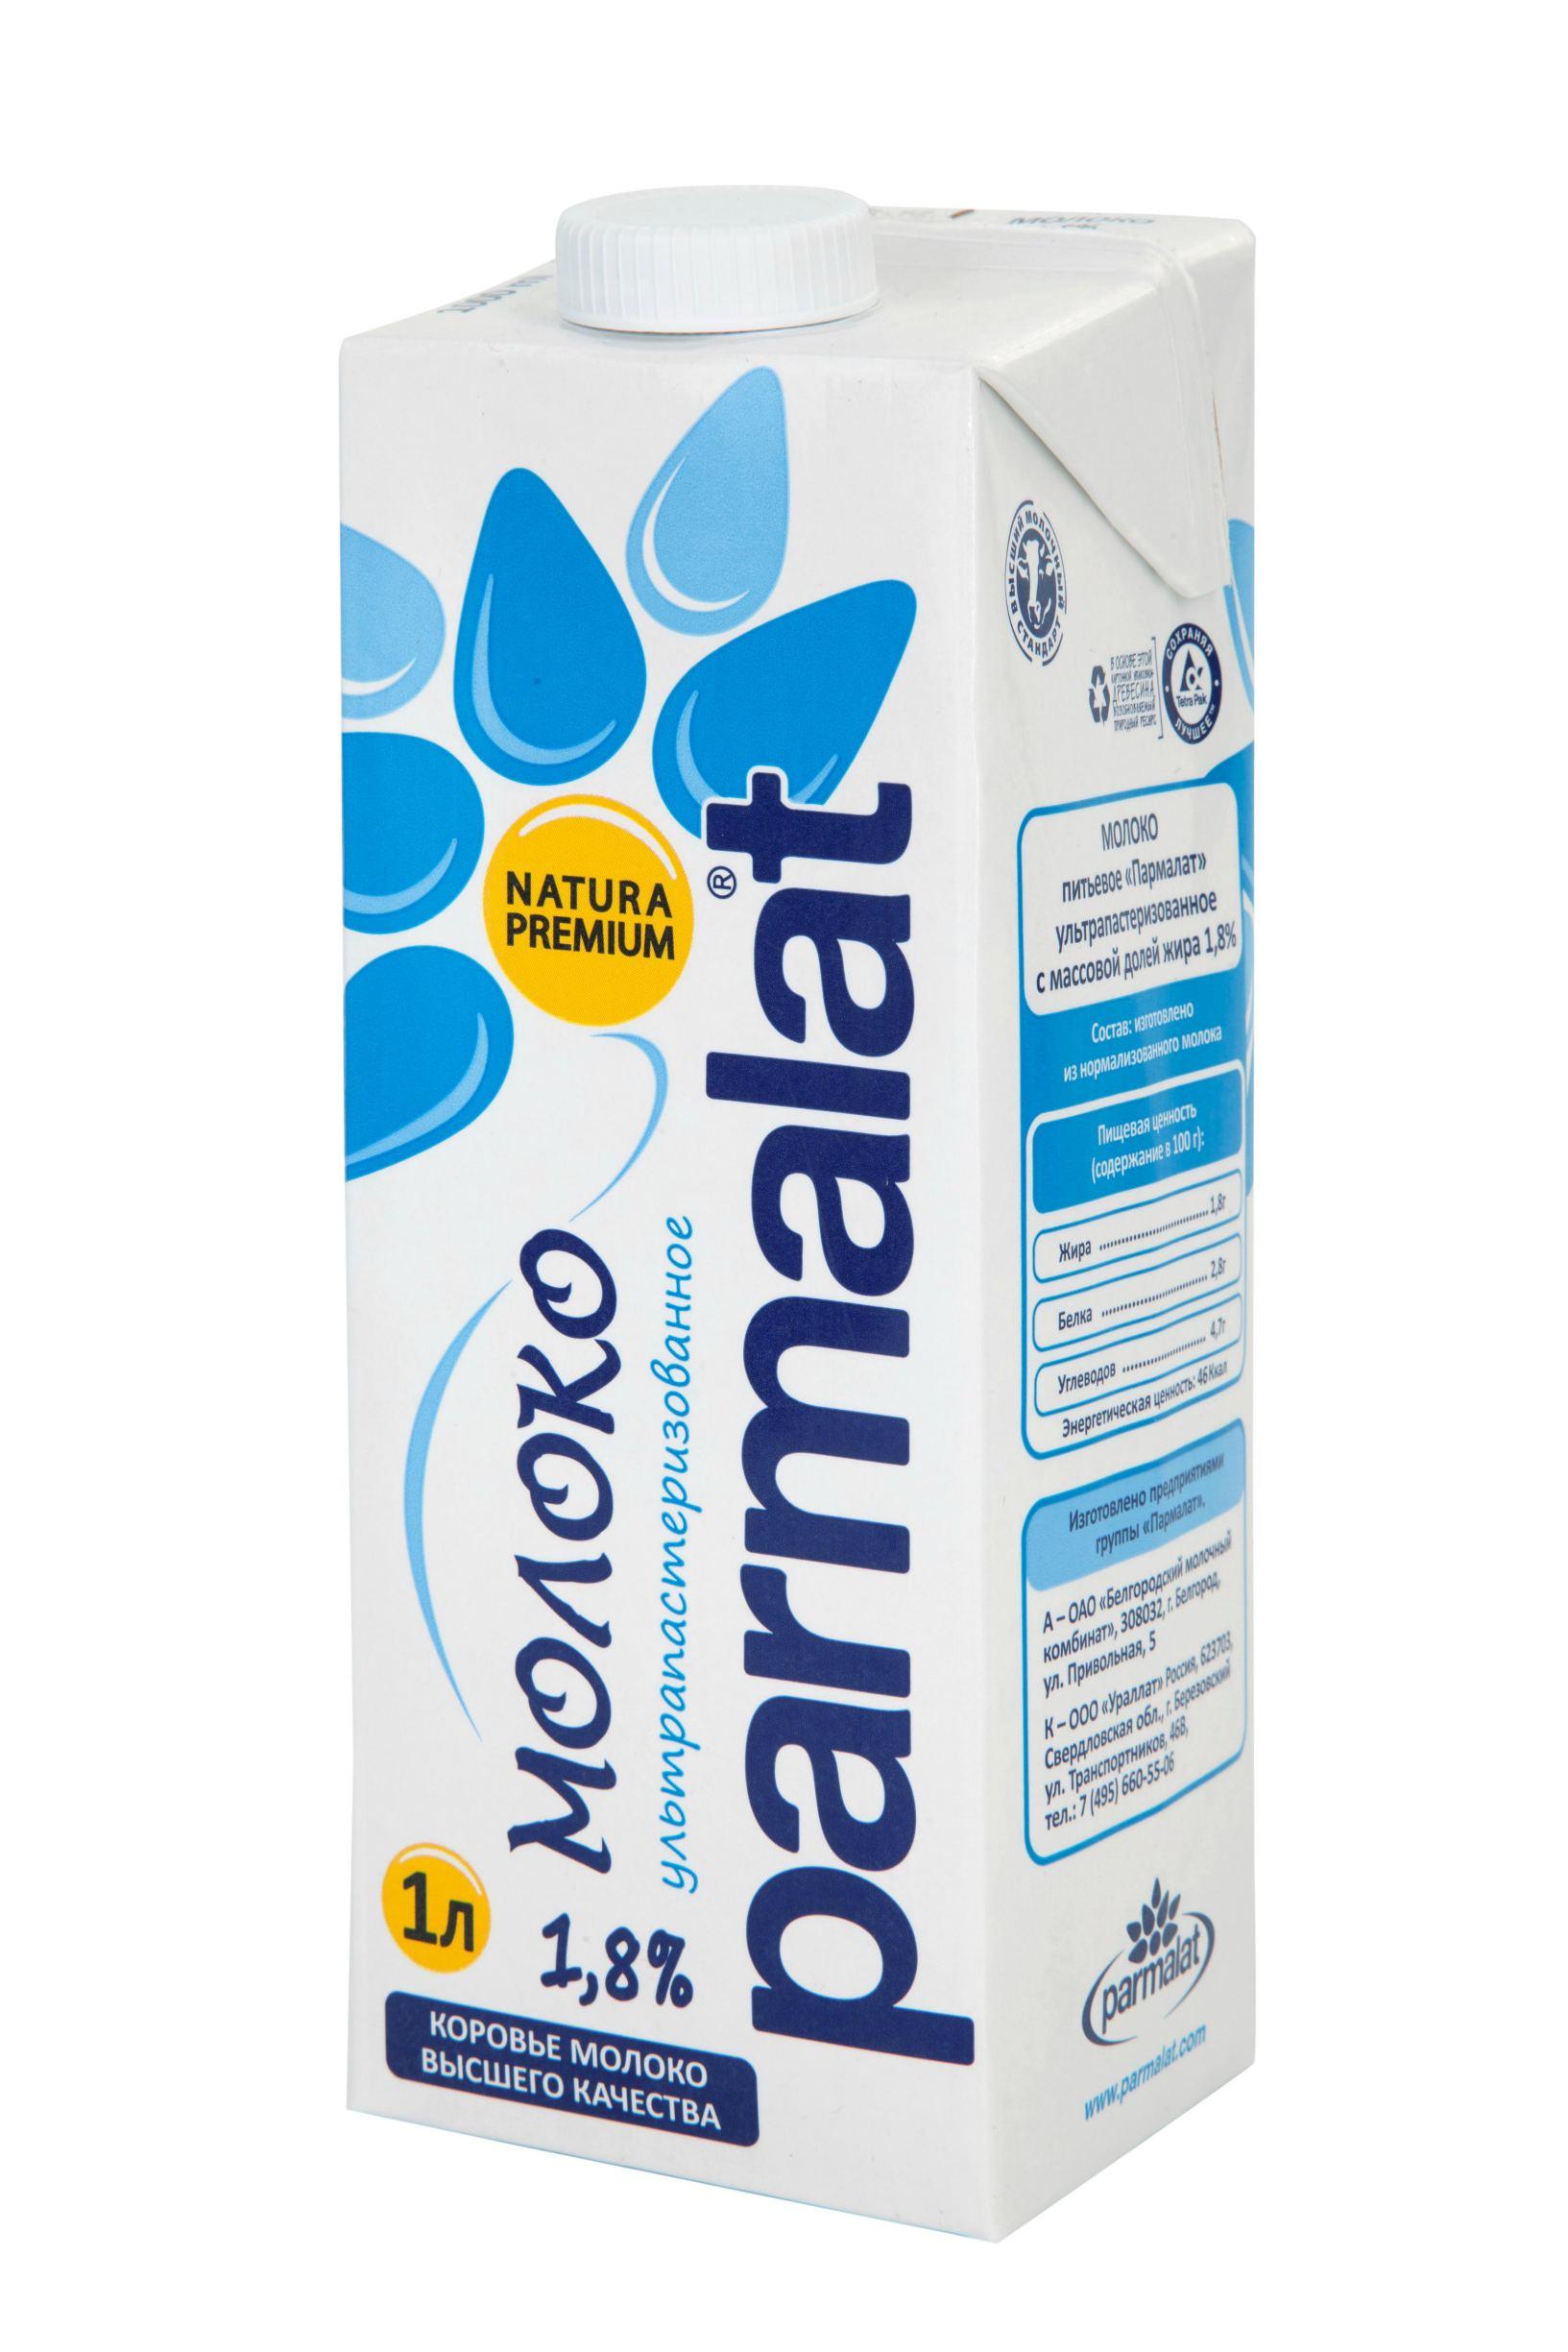 Фото - БЕЗ БРЭНДА БЗМЖ Молоко ультрапастеризованное 1.8% Parmalat 1 л. молоко элакто ультрапастеризованное 3 2% 1 л